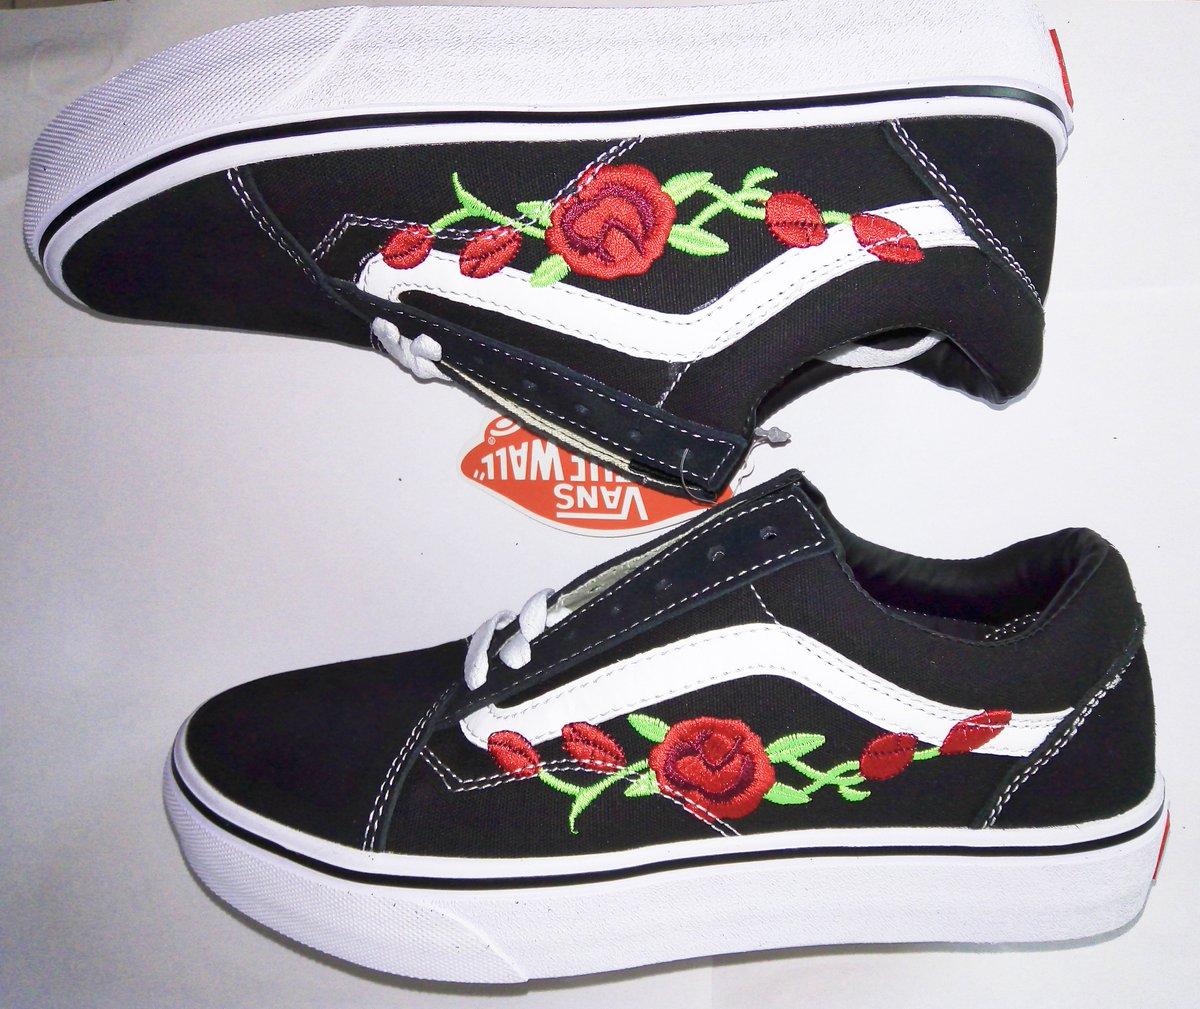 Rose-embroidered Vans Old Skool Skate